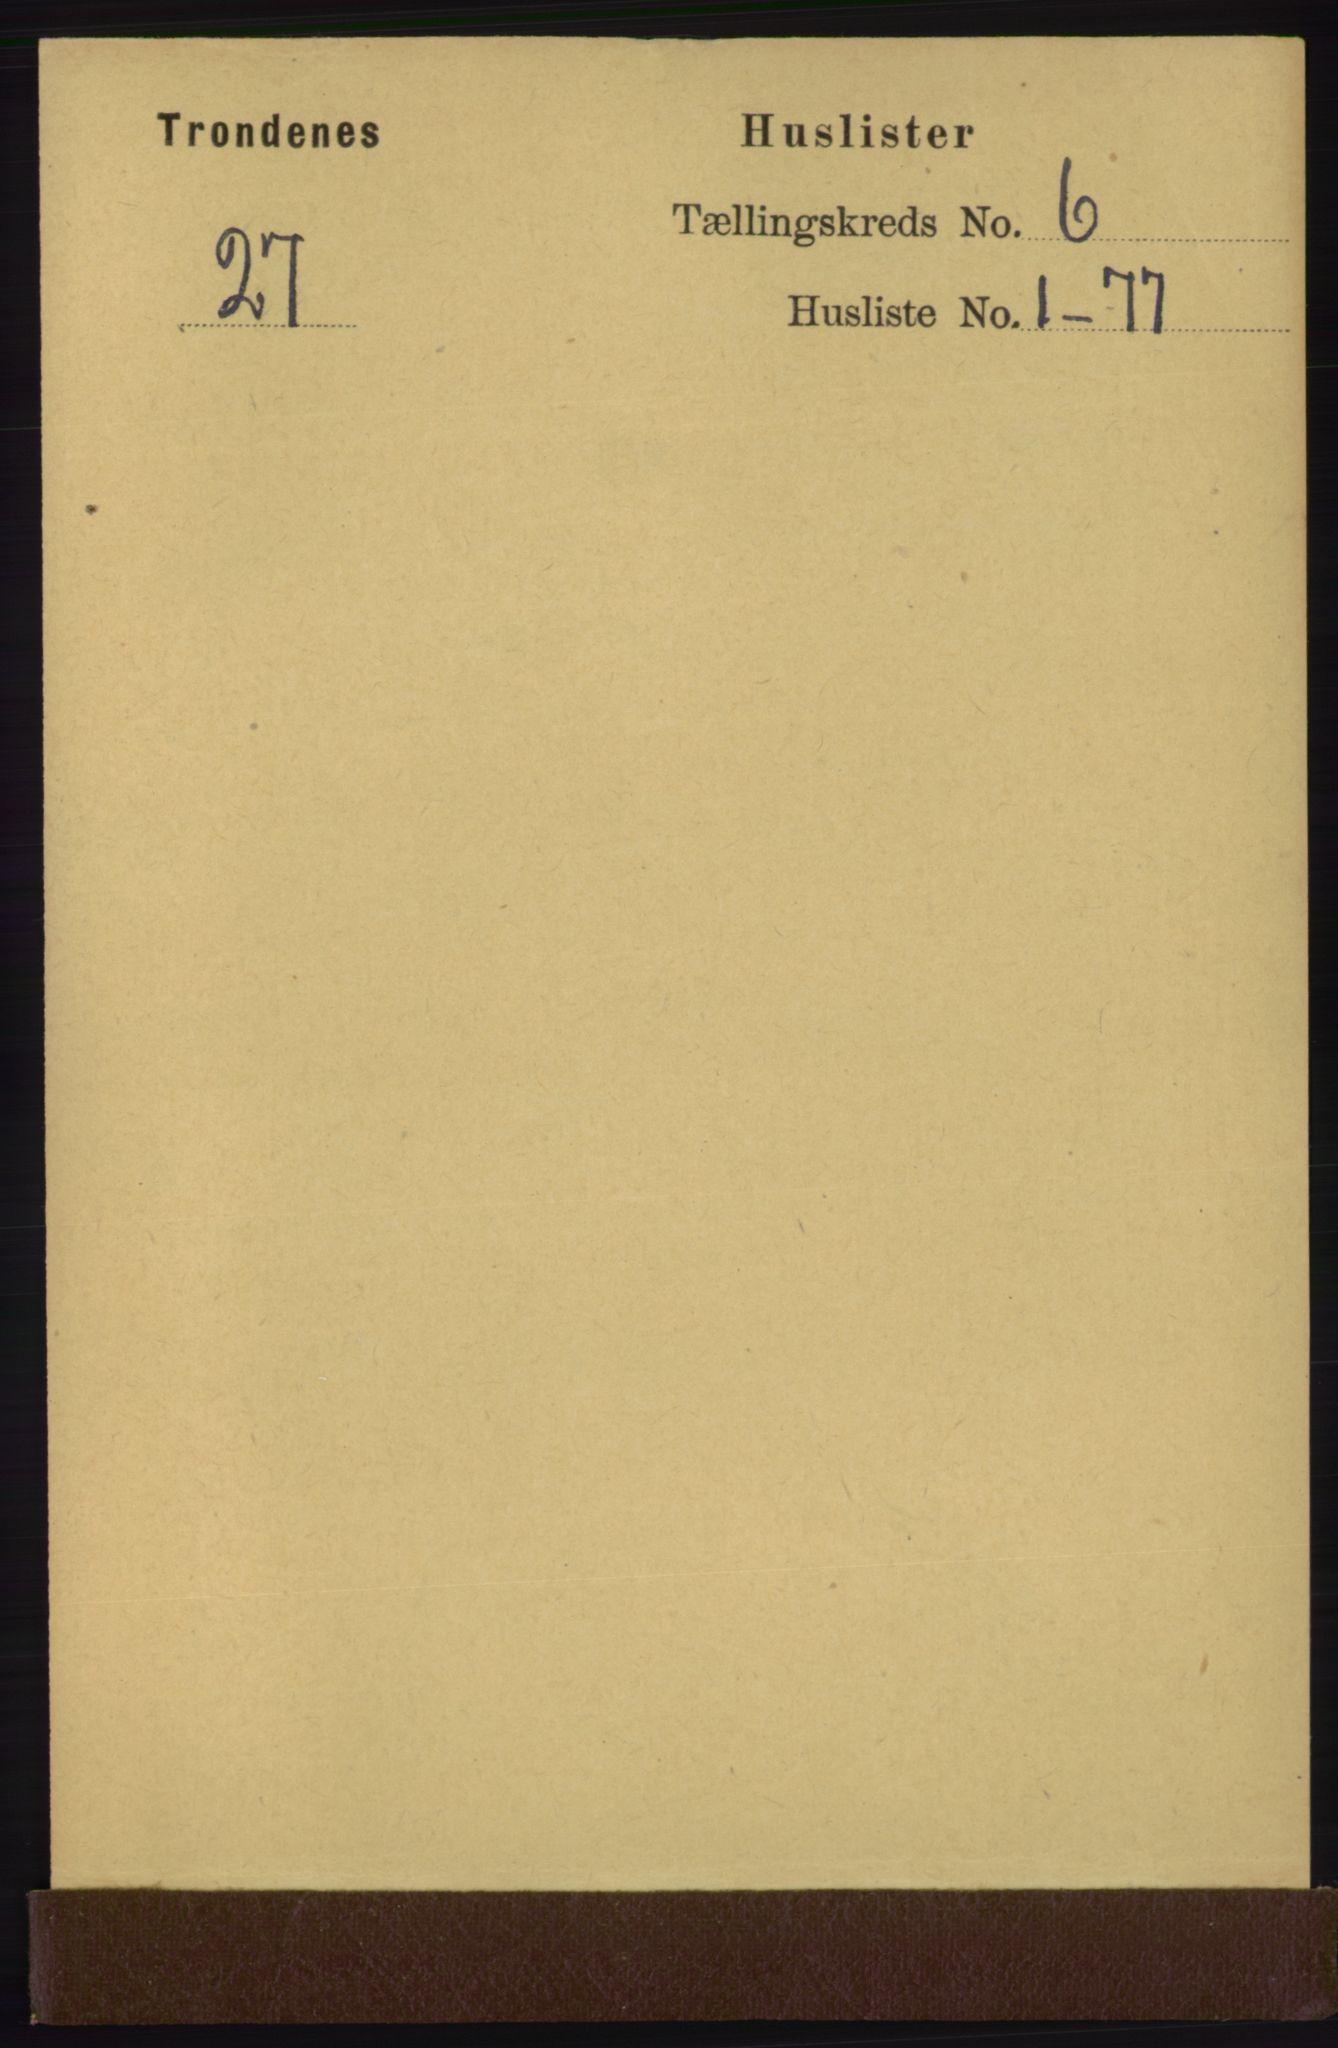 RA, Folketelling 1891 for 1914 Trondenes herred, 1891, s. 3743